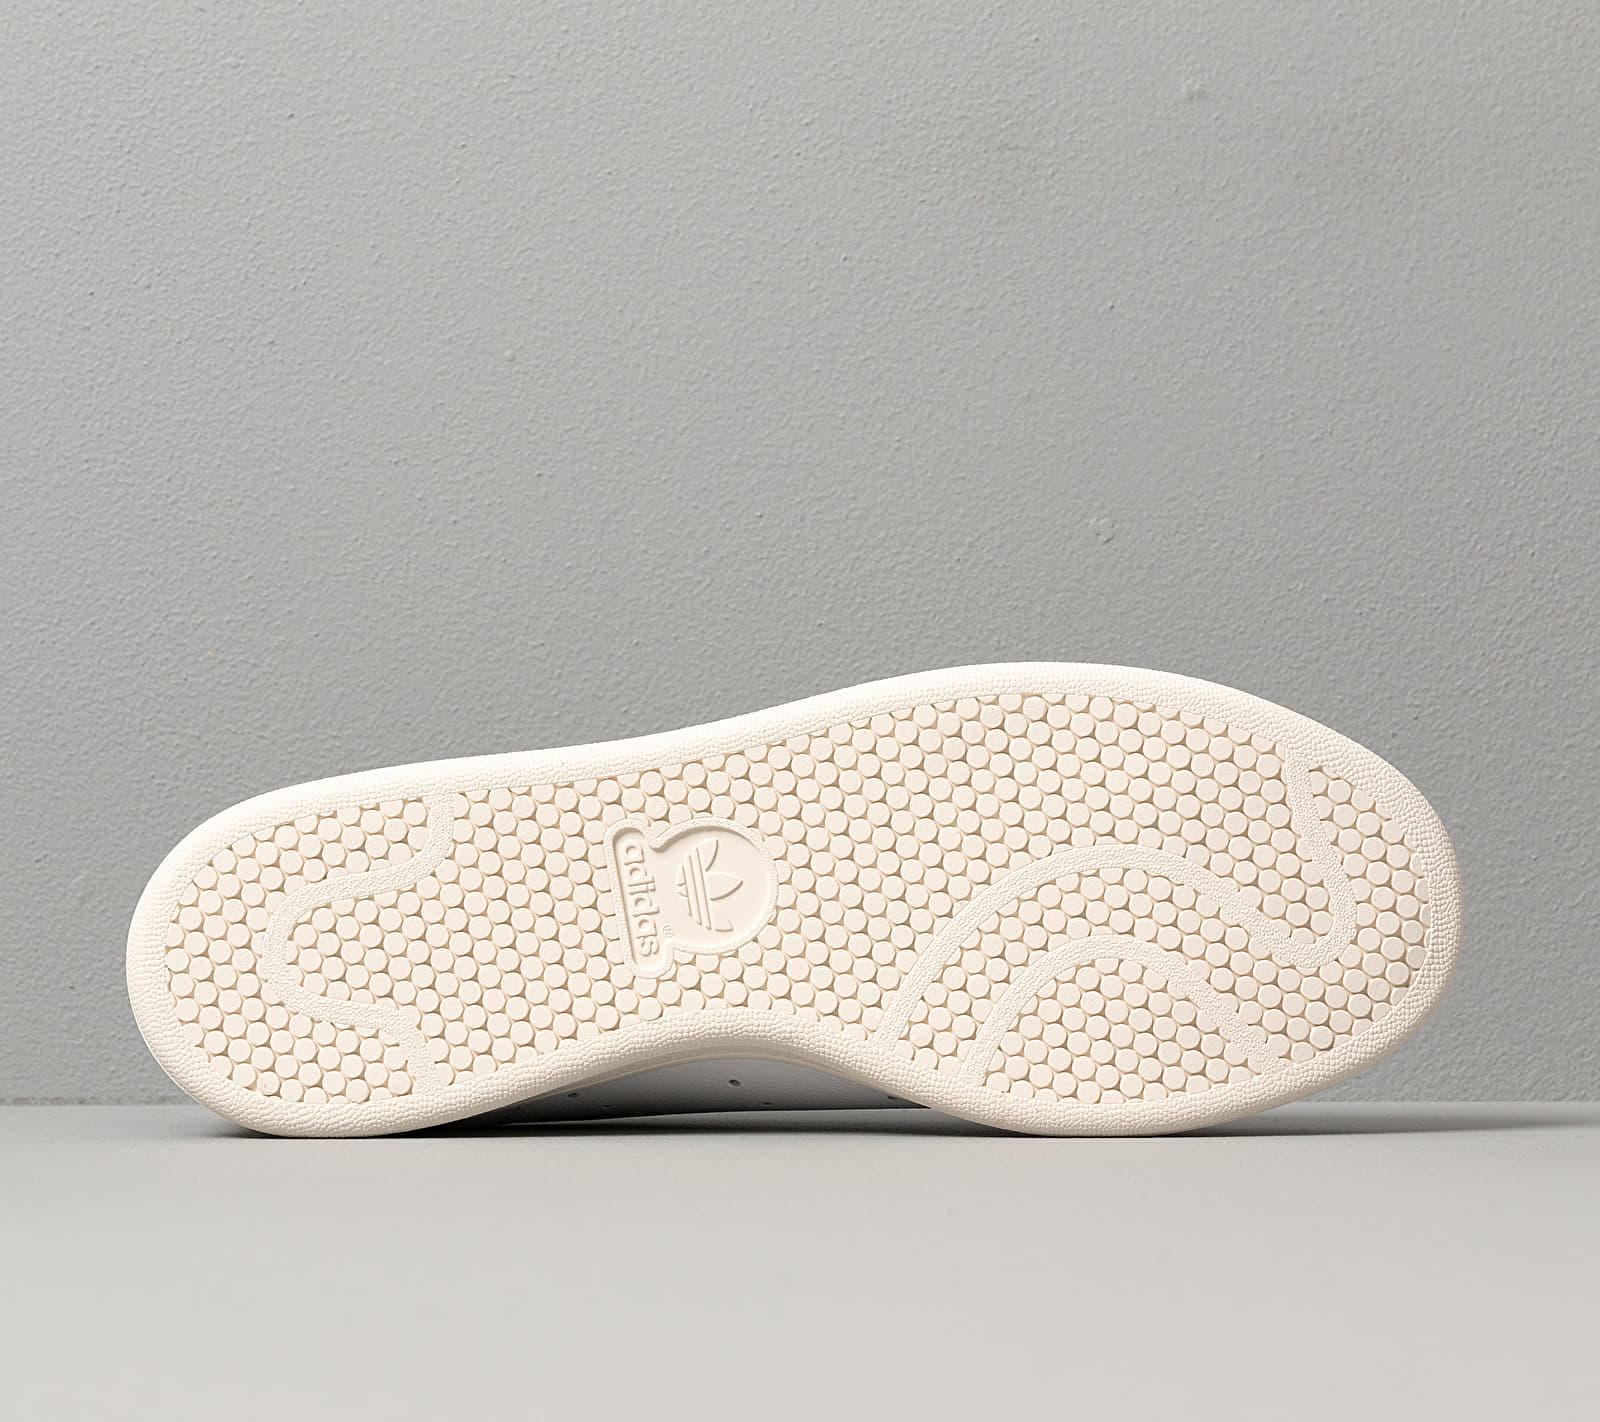 scarpe autunnali Nuovi Prodotti come comprare adidas Stan Smith Ftw White/ Core Green/ Off White - footshop.eu ...